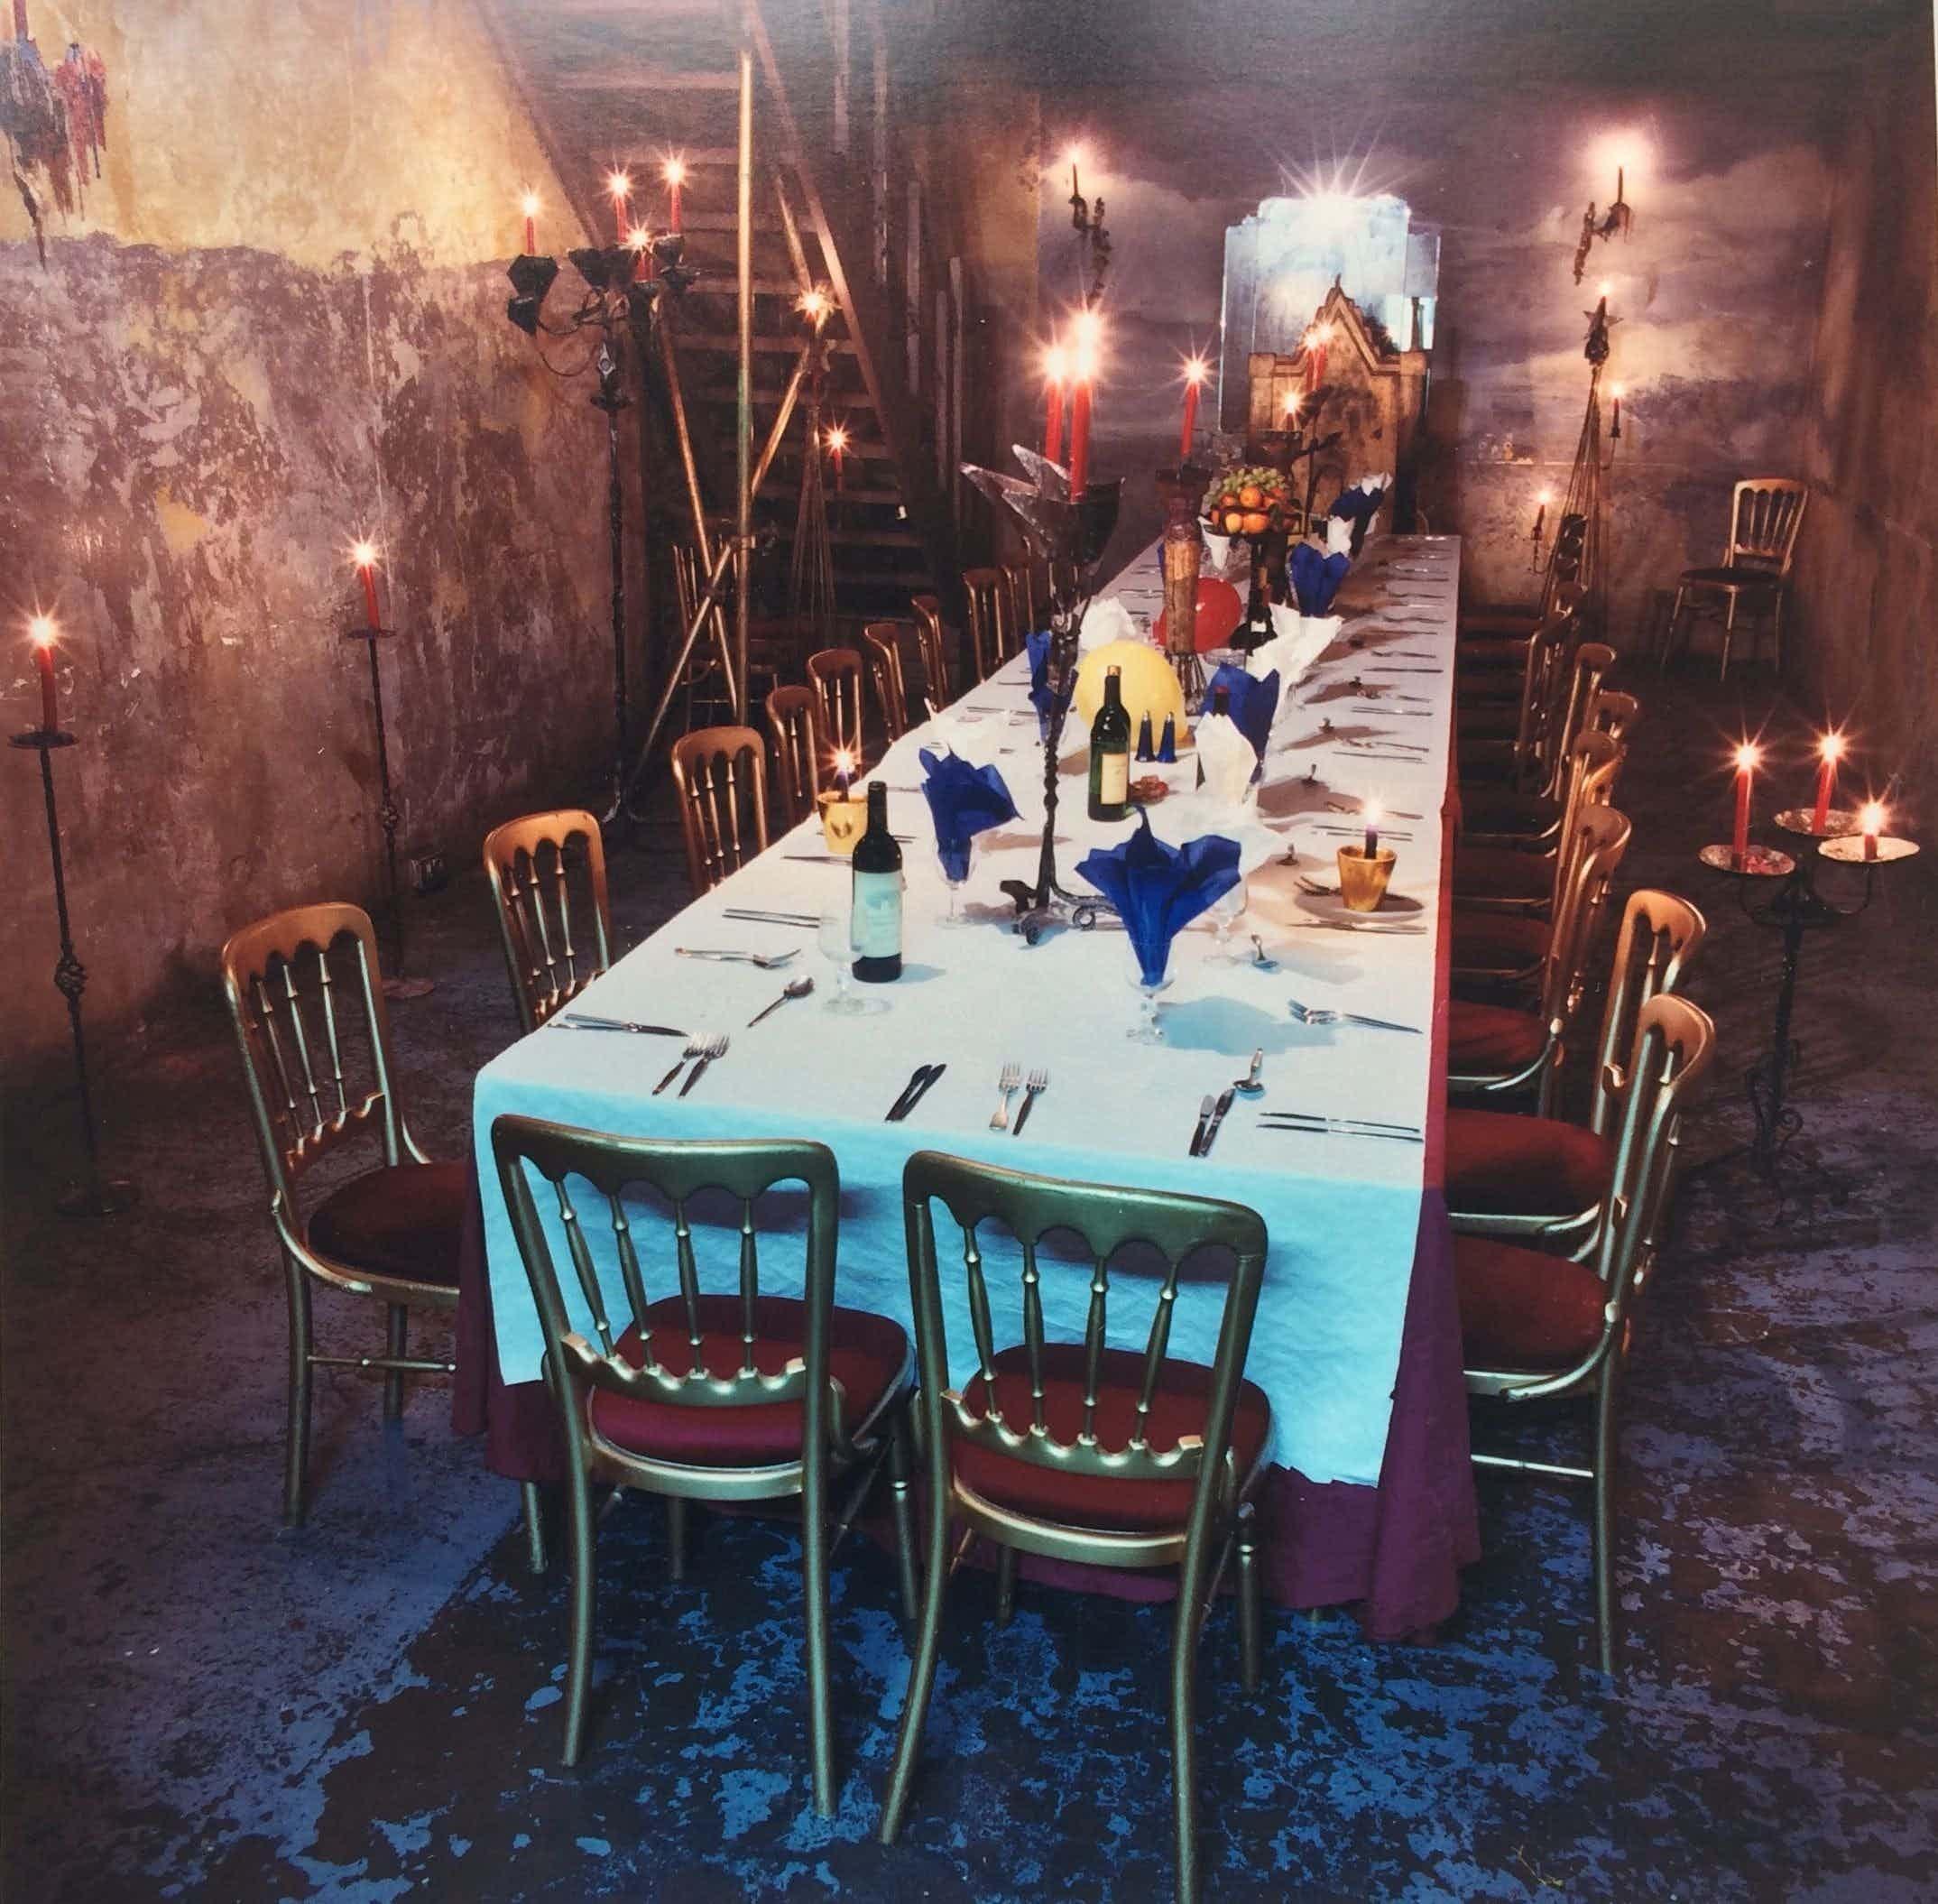 Banquet Room, Candid Arts Trust